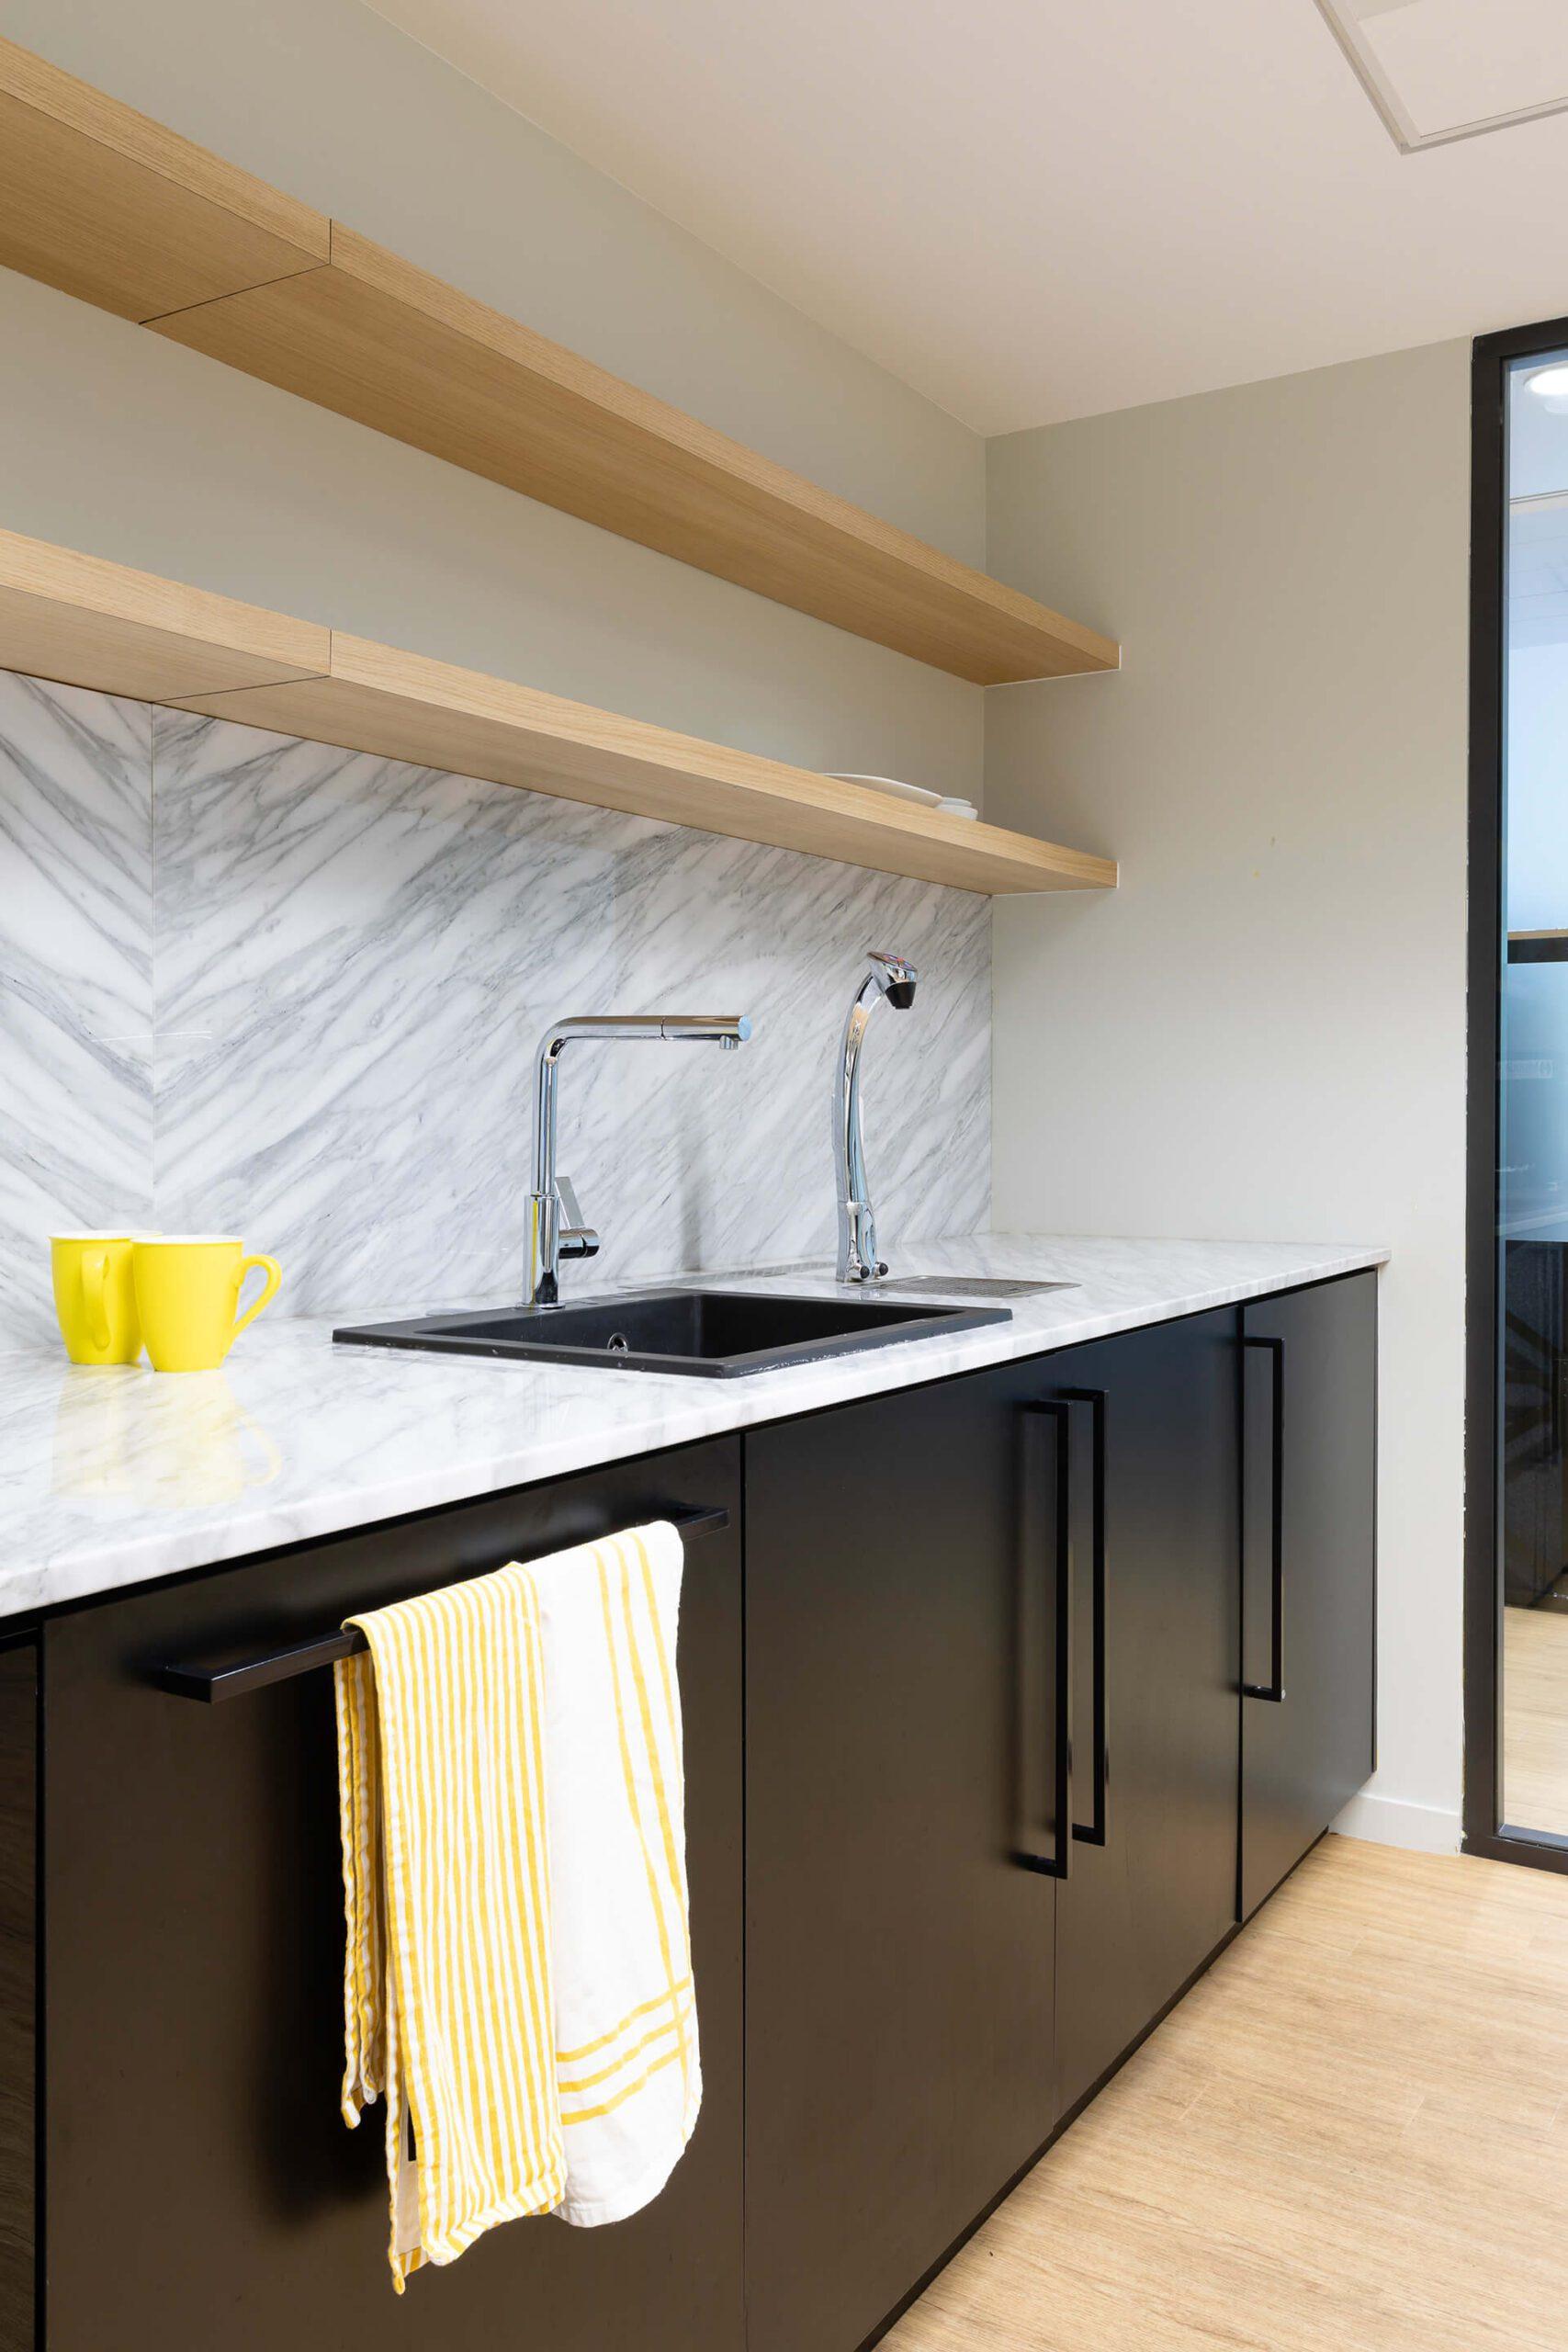 bancada de cozinha em madeira preta e castanha com decoração